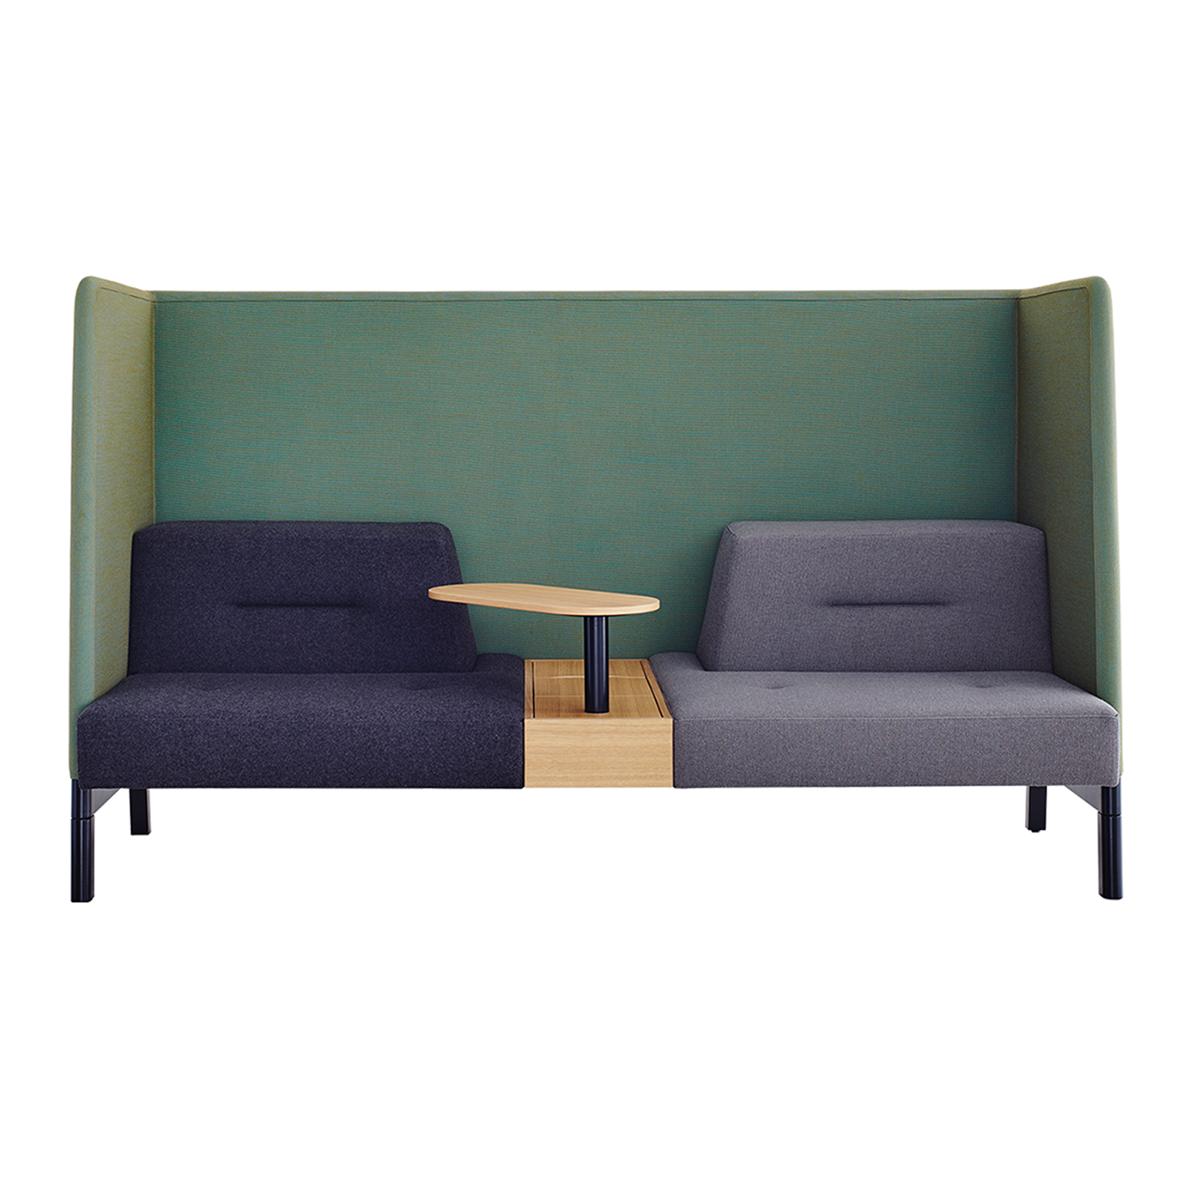 Ophelis-Docks-Seating-System-Matisse-1